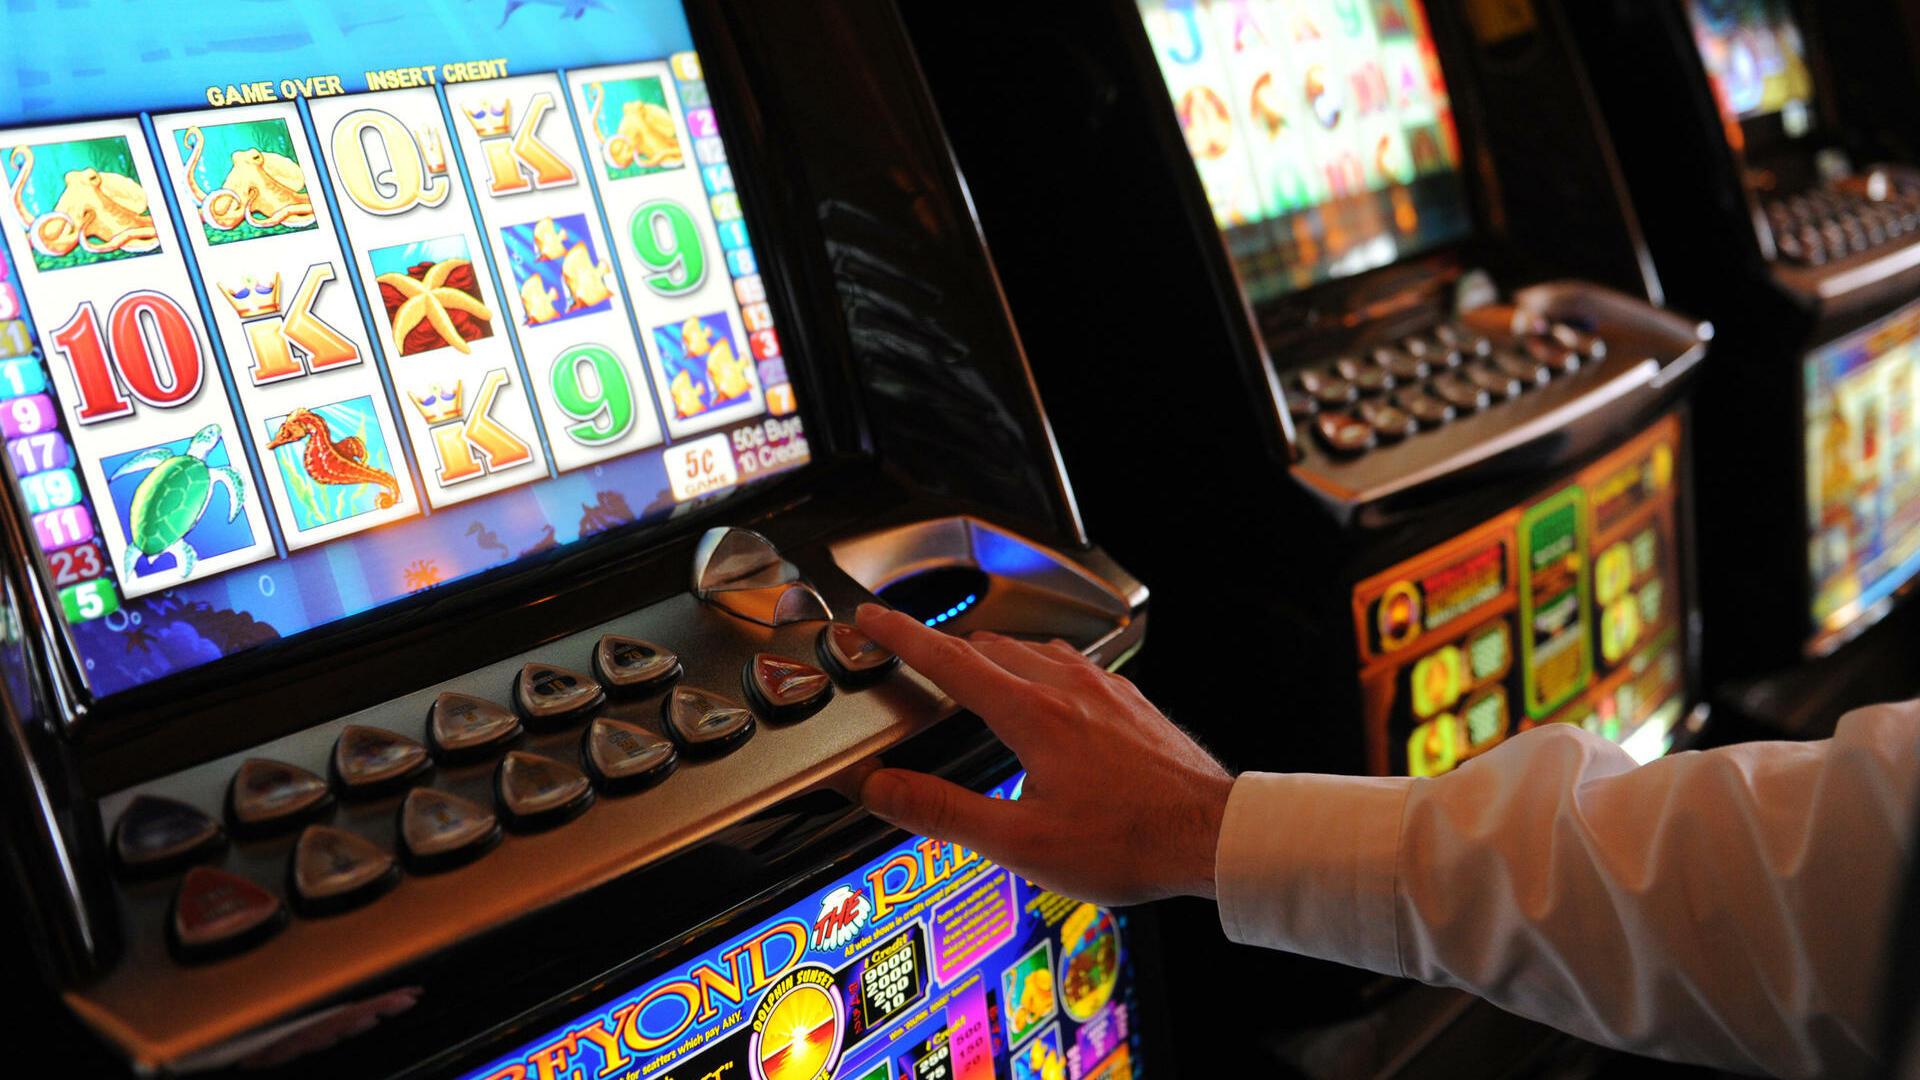 Glücksspielstaatsvertrag: EU-Urteil bestätigt Sonderweg Schleswig-Holsteins beim Glücksspiel